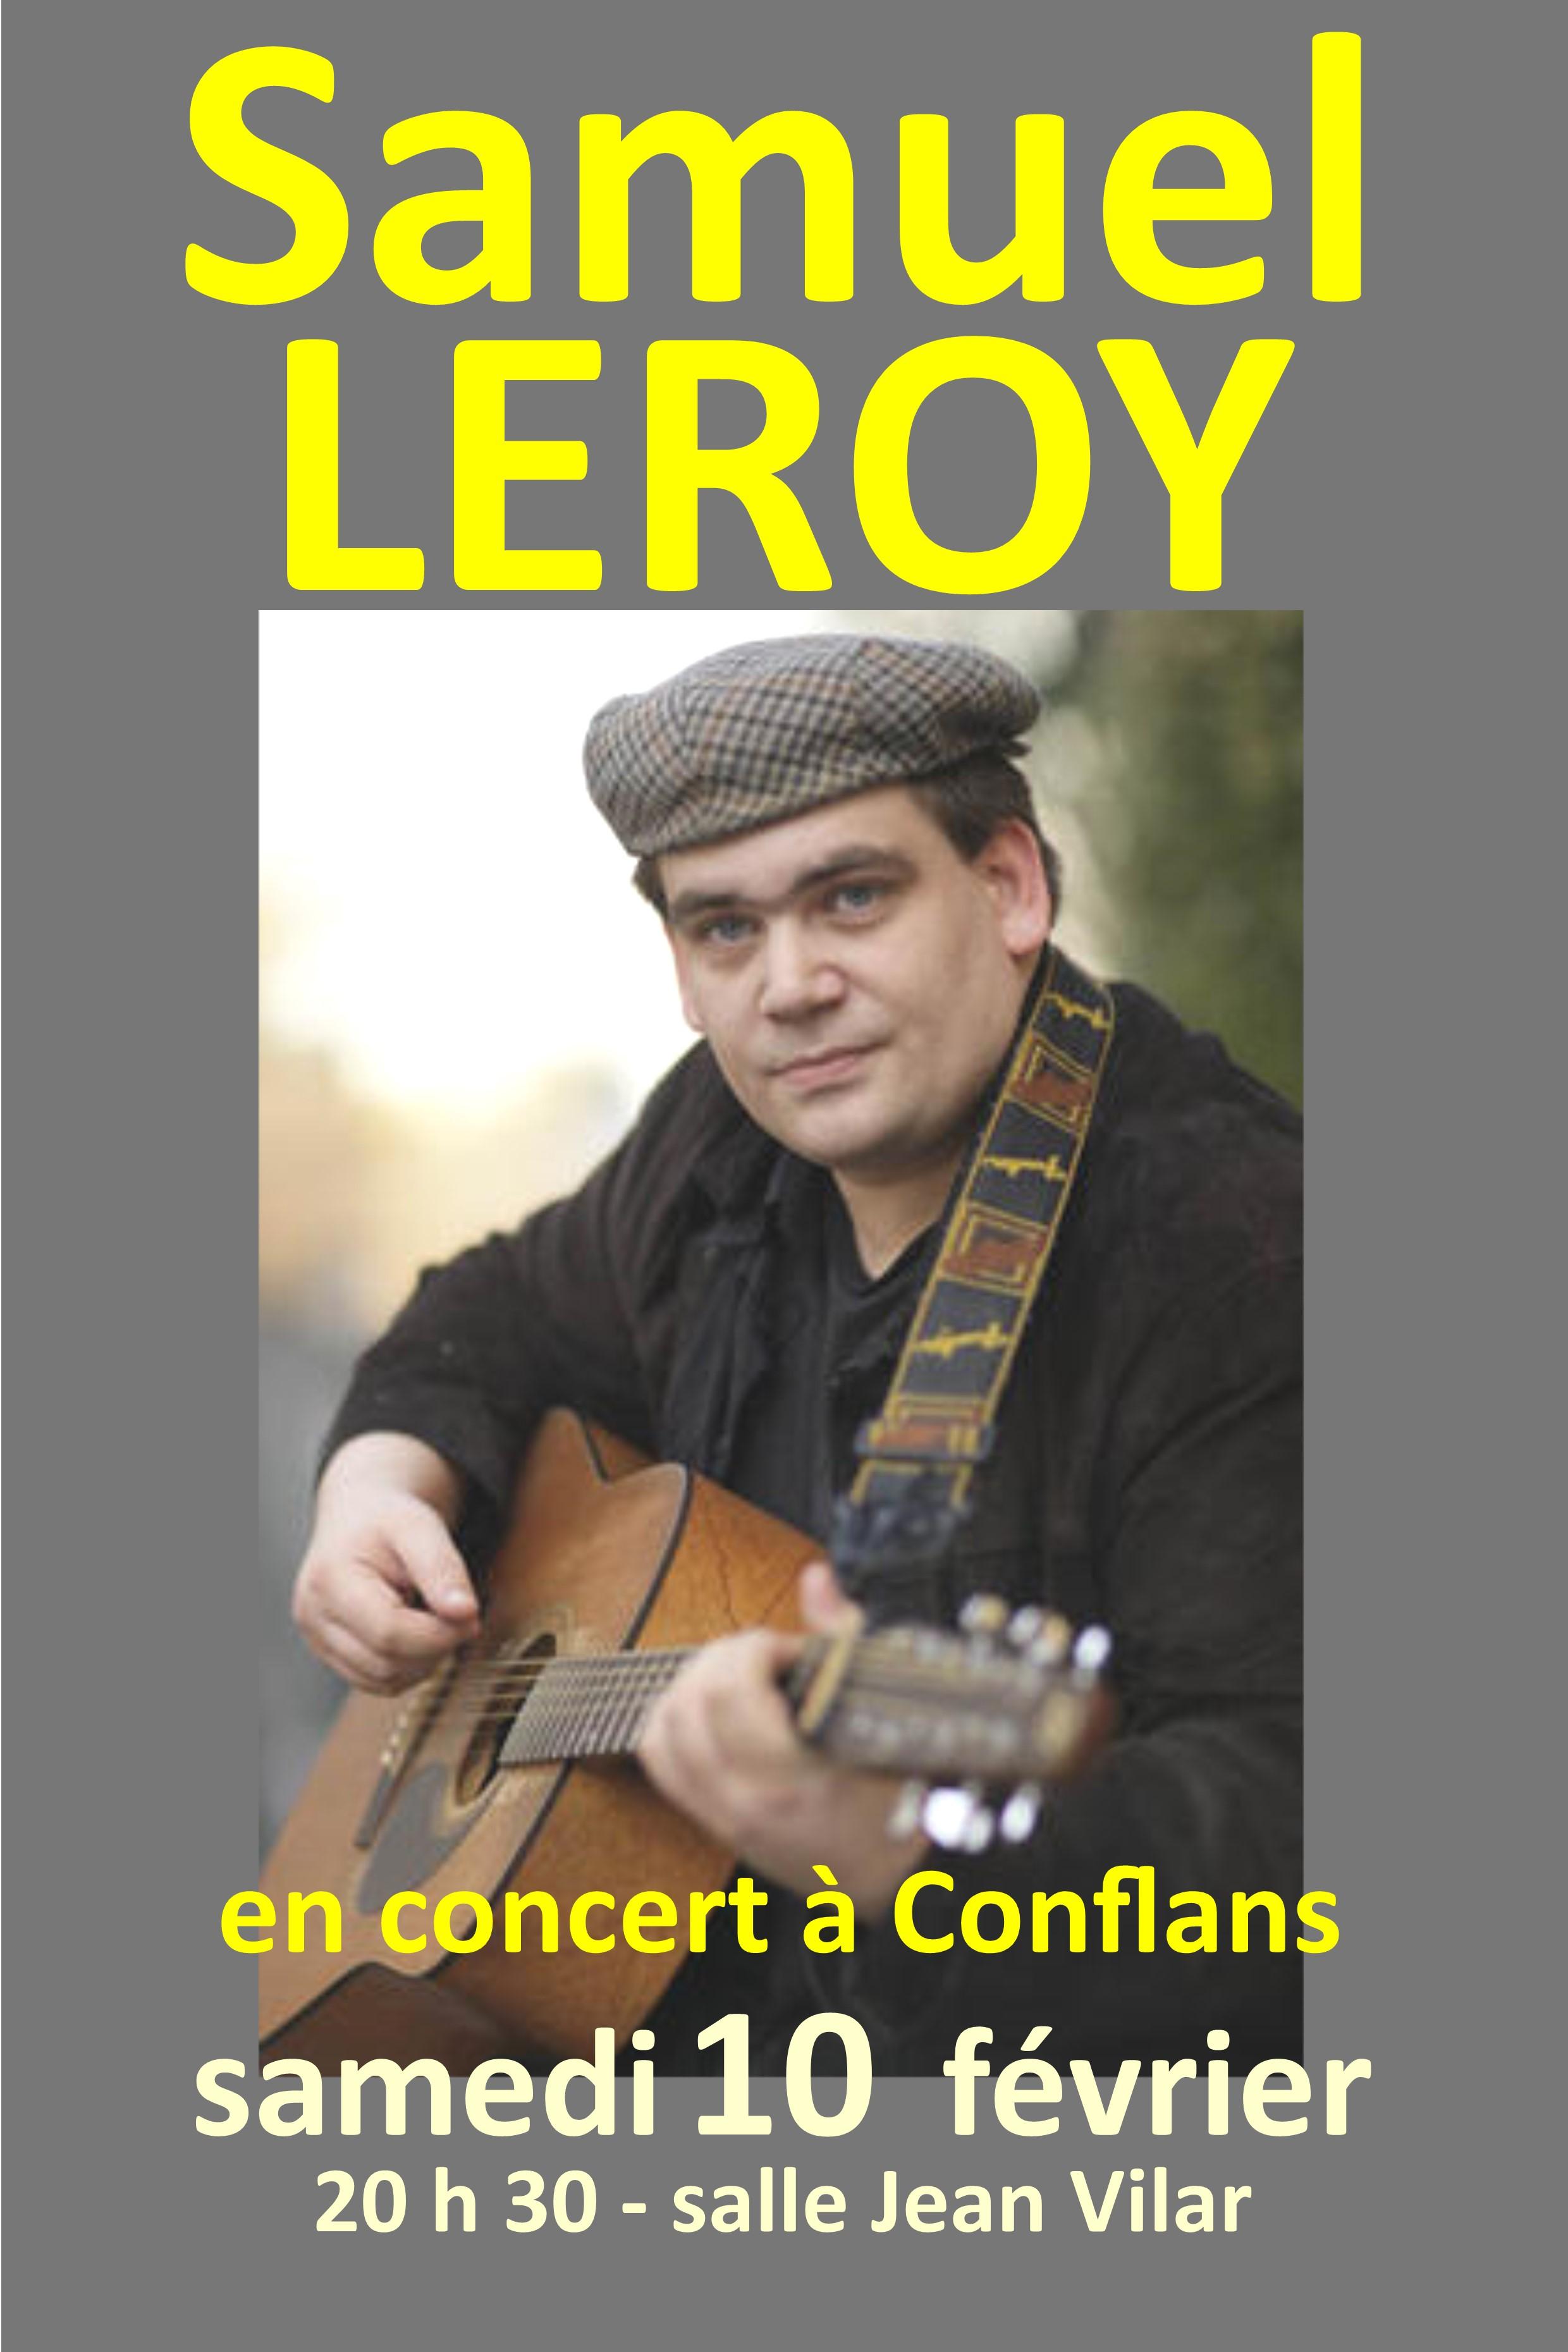 samuel leroy